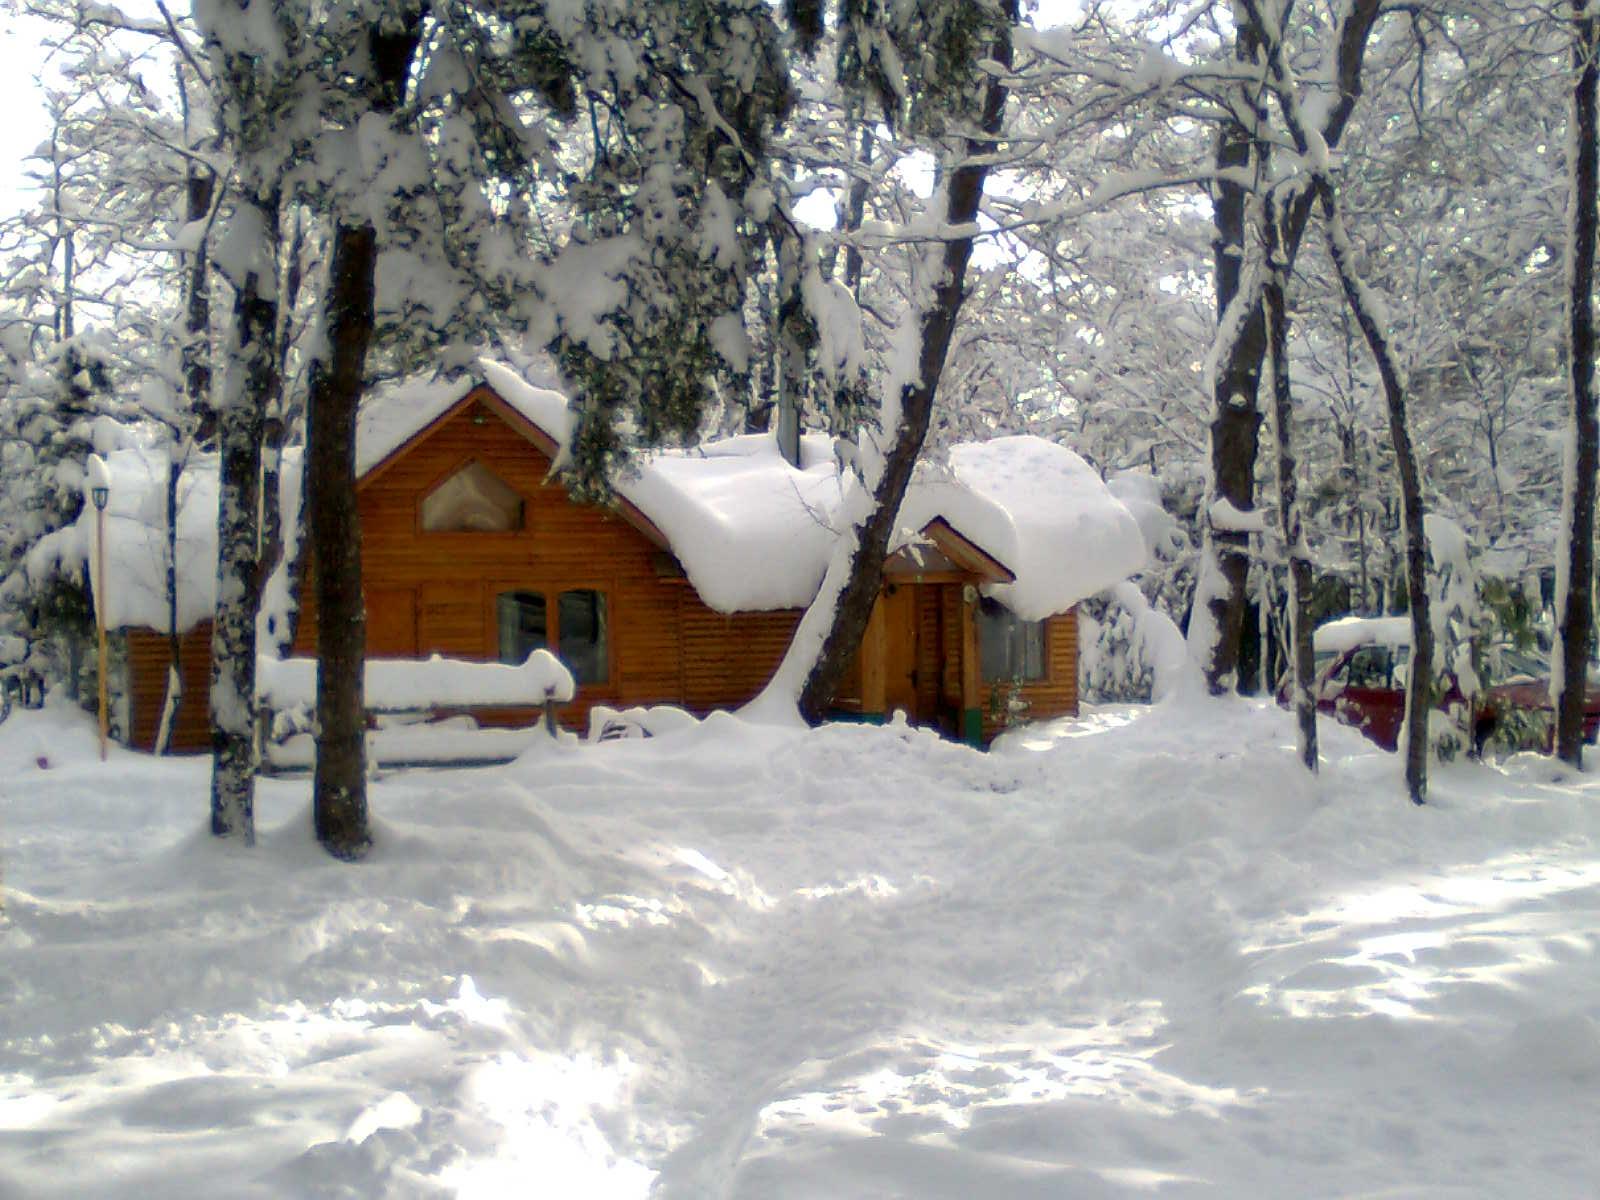 Venta establecimiento de caba as en termas de chillan - Cabanas de madera en la nieve ...